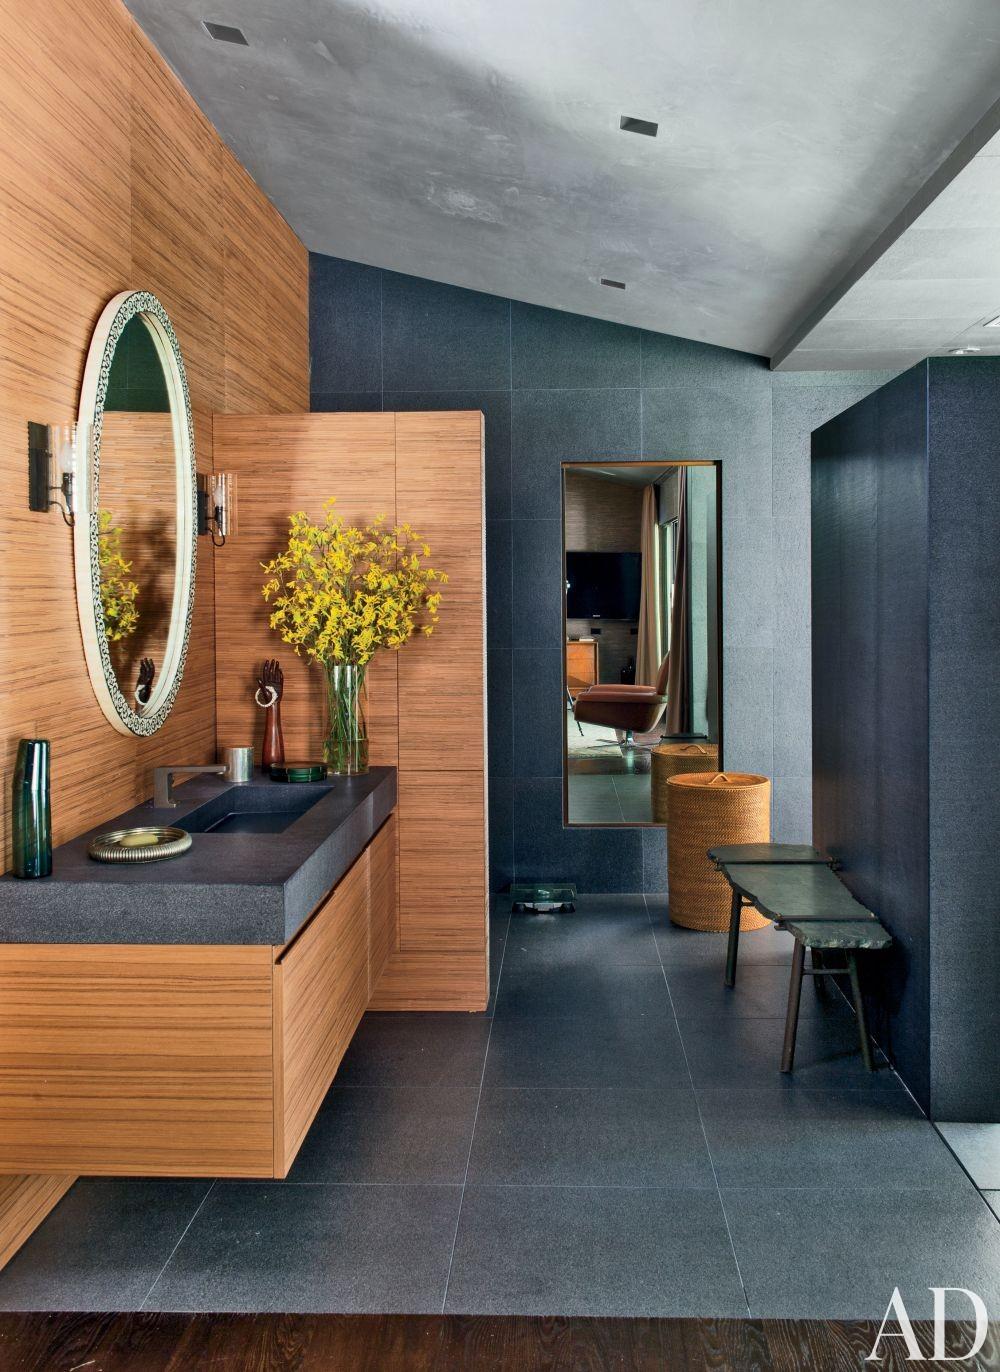 Contemporary Bathroom by Desiderata Design in Los  Angeles, California